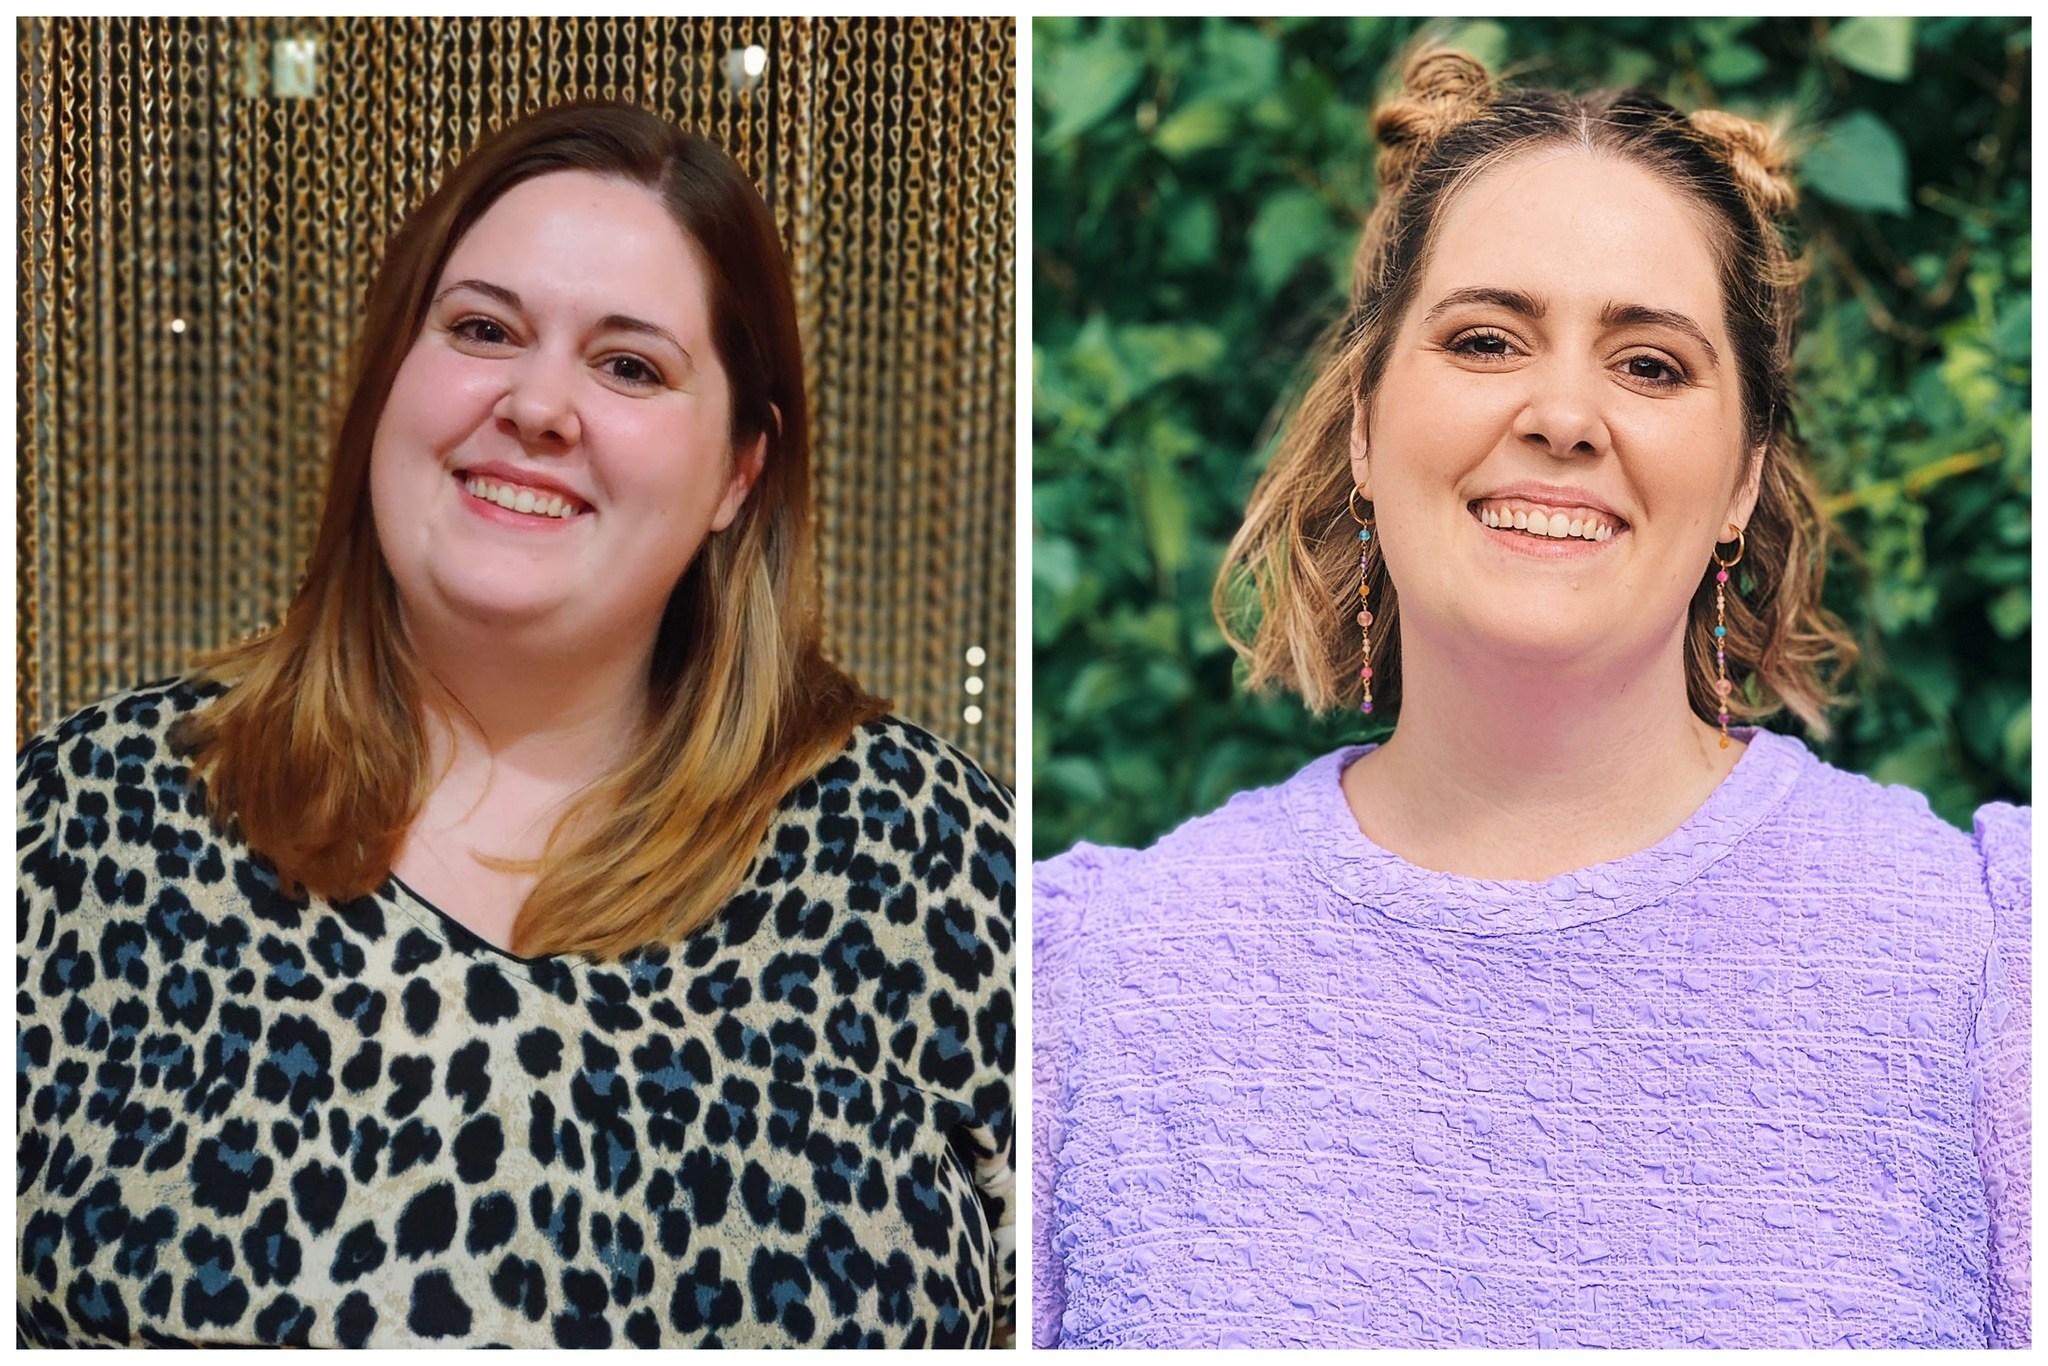 Billedet til højre er taget før jeg fik min gastric sleeve og billedet til venstre er efter et vægttab på 52,1 kg.